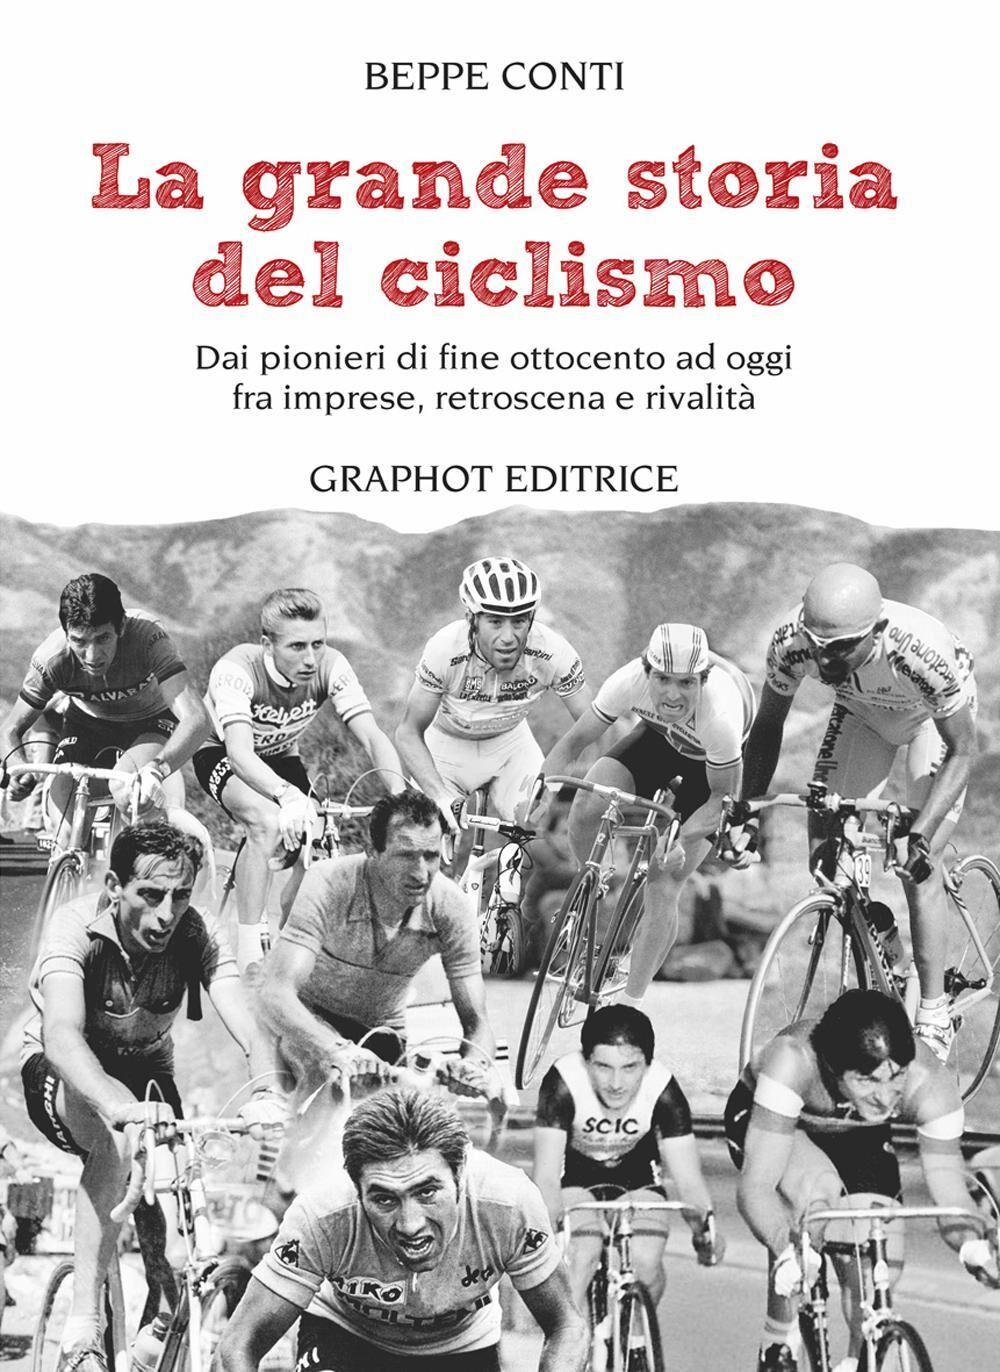 La grande storia del ciclismo. Dai pionieri di fine ottocento a oggi, fra imprese, rivalità e retroscena